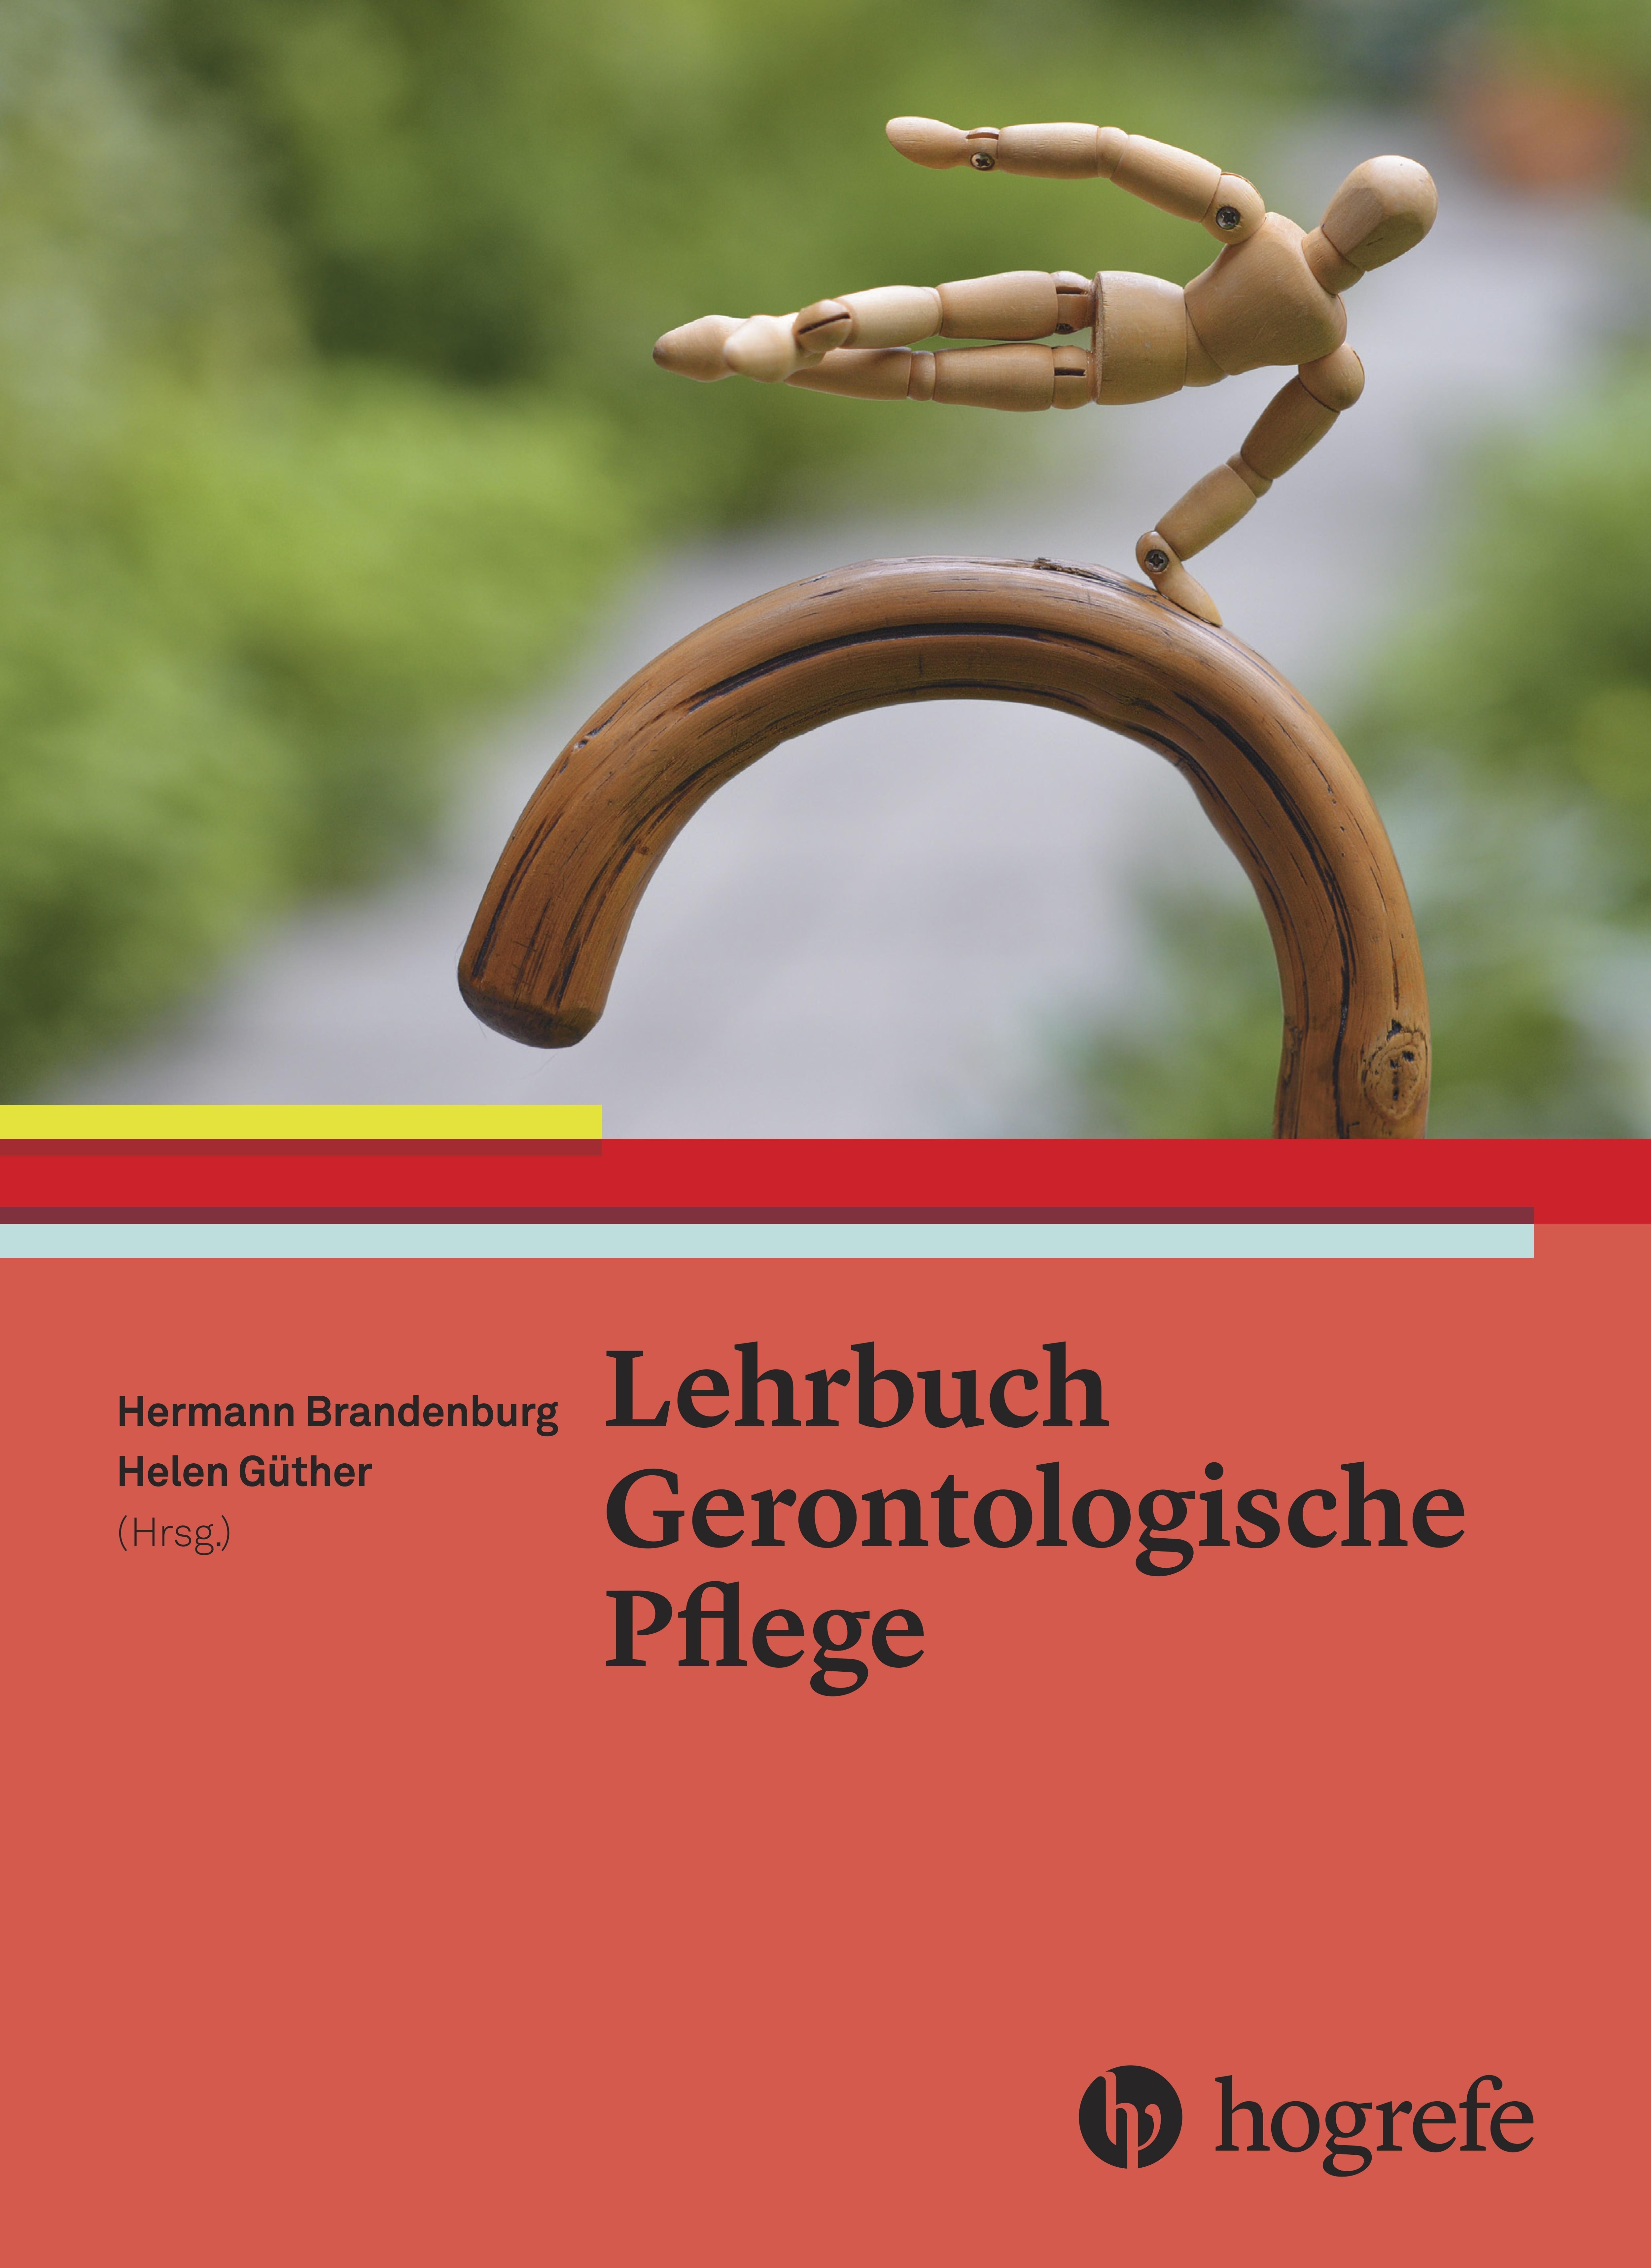 Lehrbuch-Gerontologische-Pflege-Hermann-Brandenburg-9783456854717